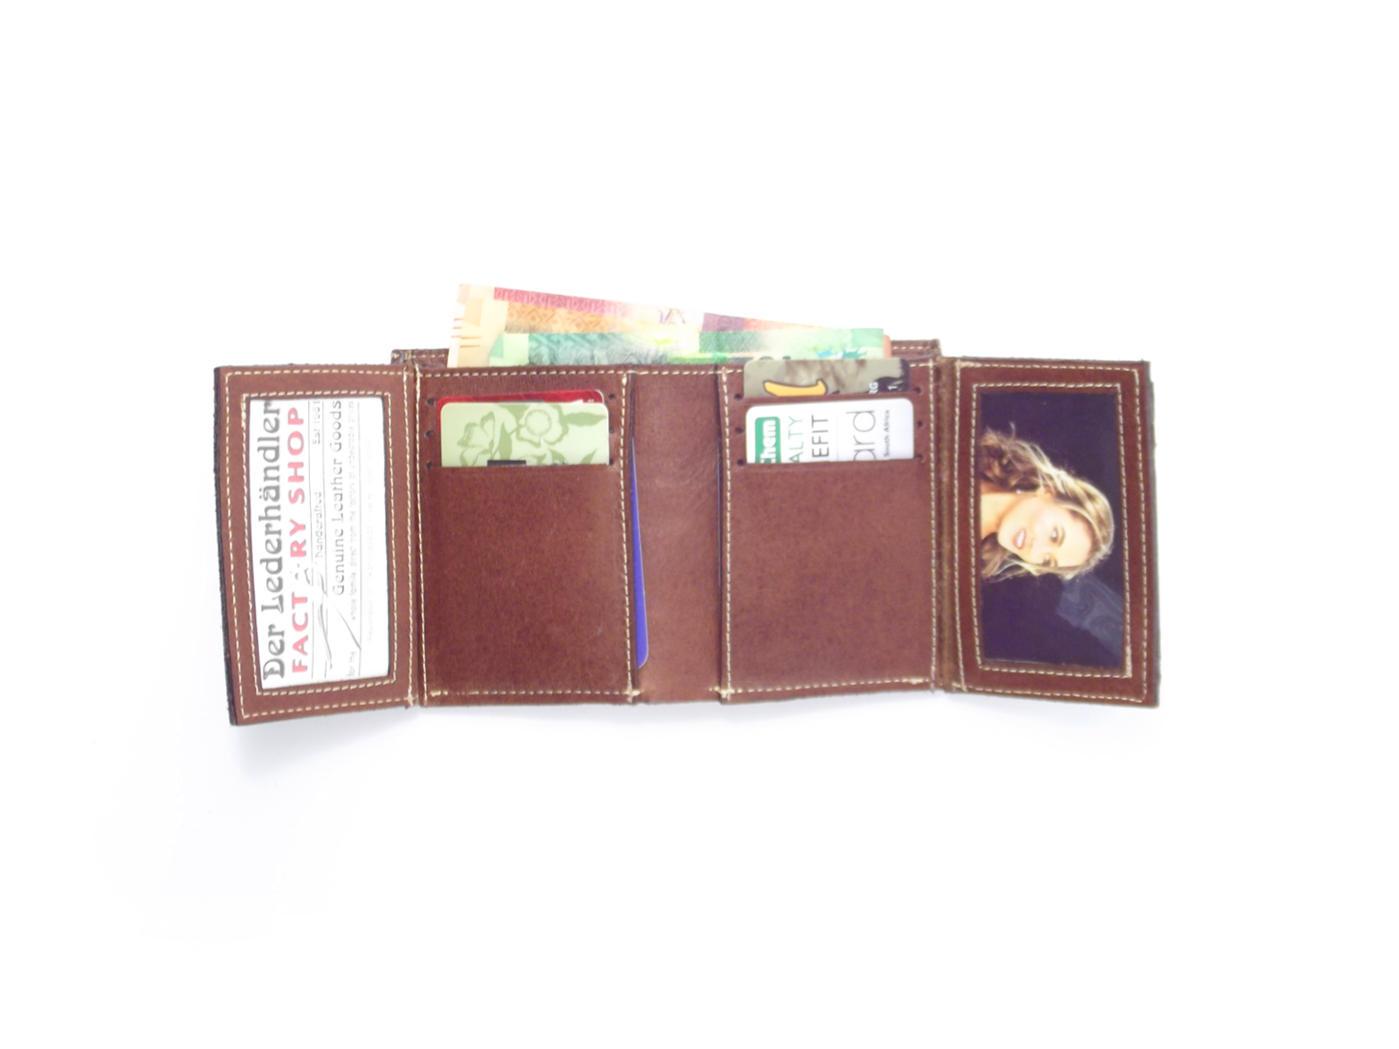 536a3c8312d2 Wallet Men's Three HPMW03WTST - genuine leather credit card holder wallet  by Der Lederhandler